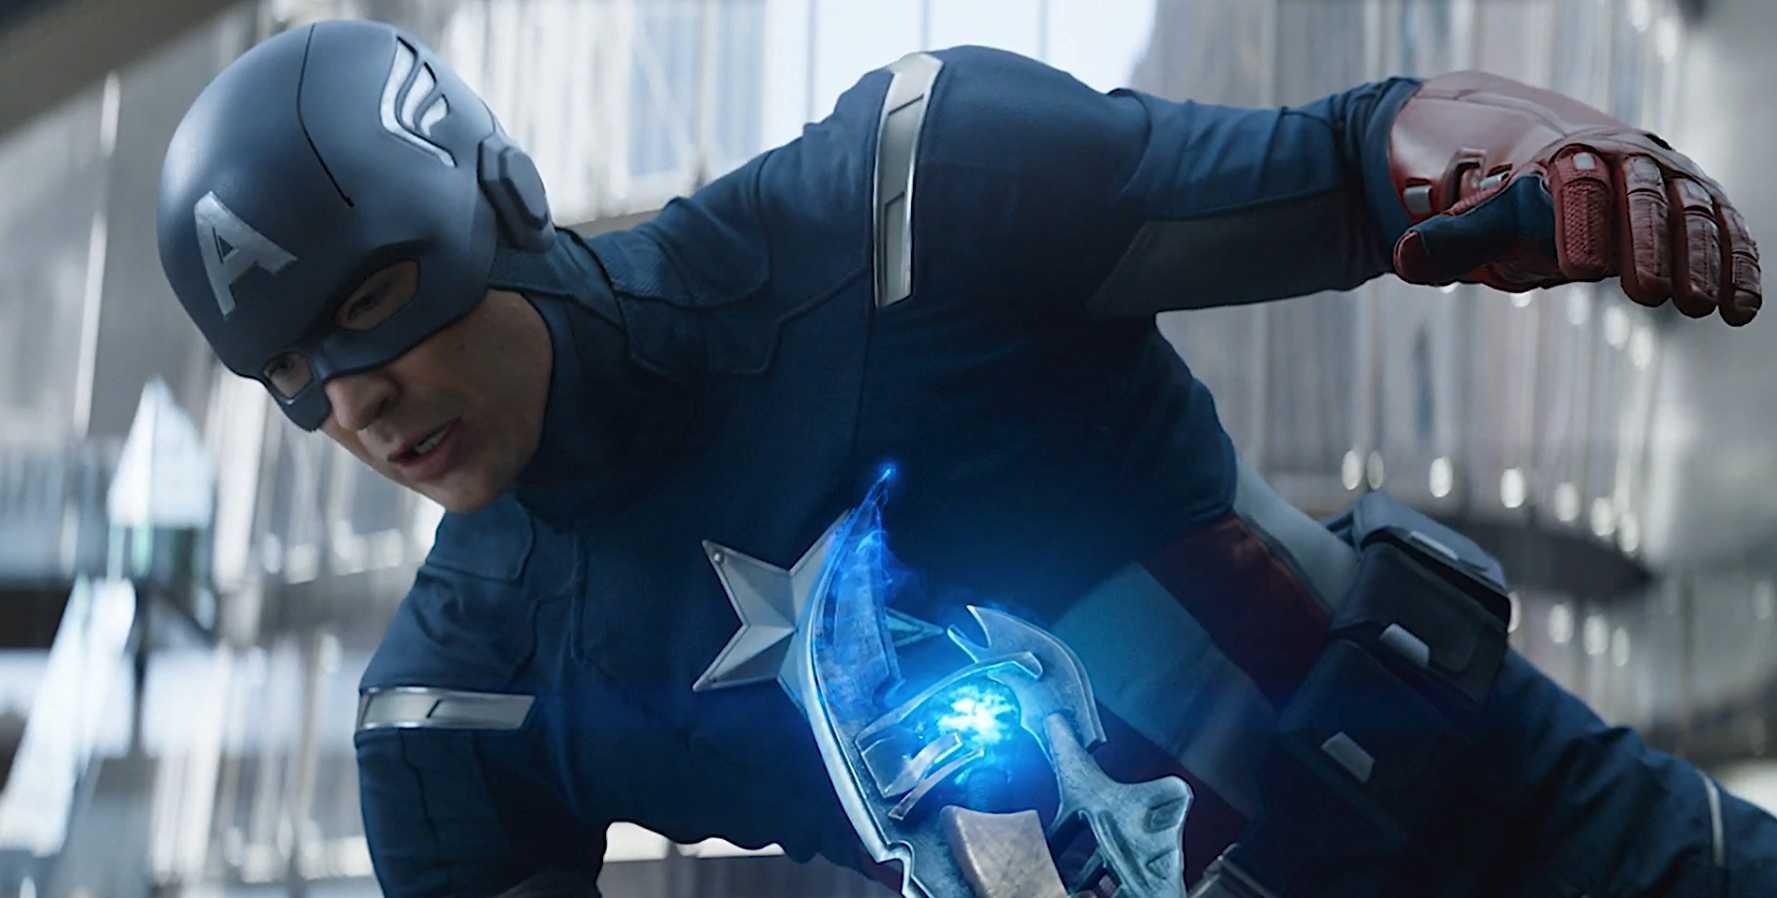 Avengers Endgame movie still